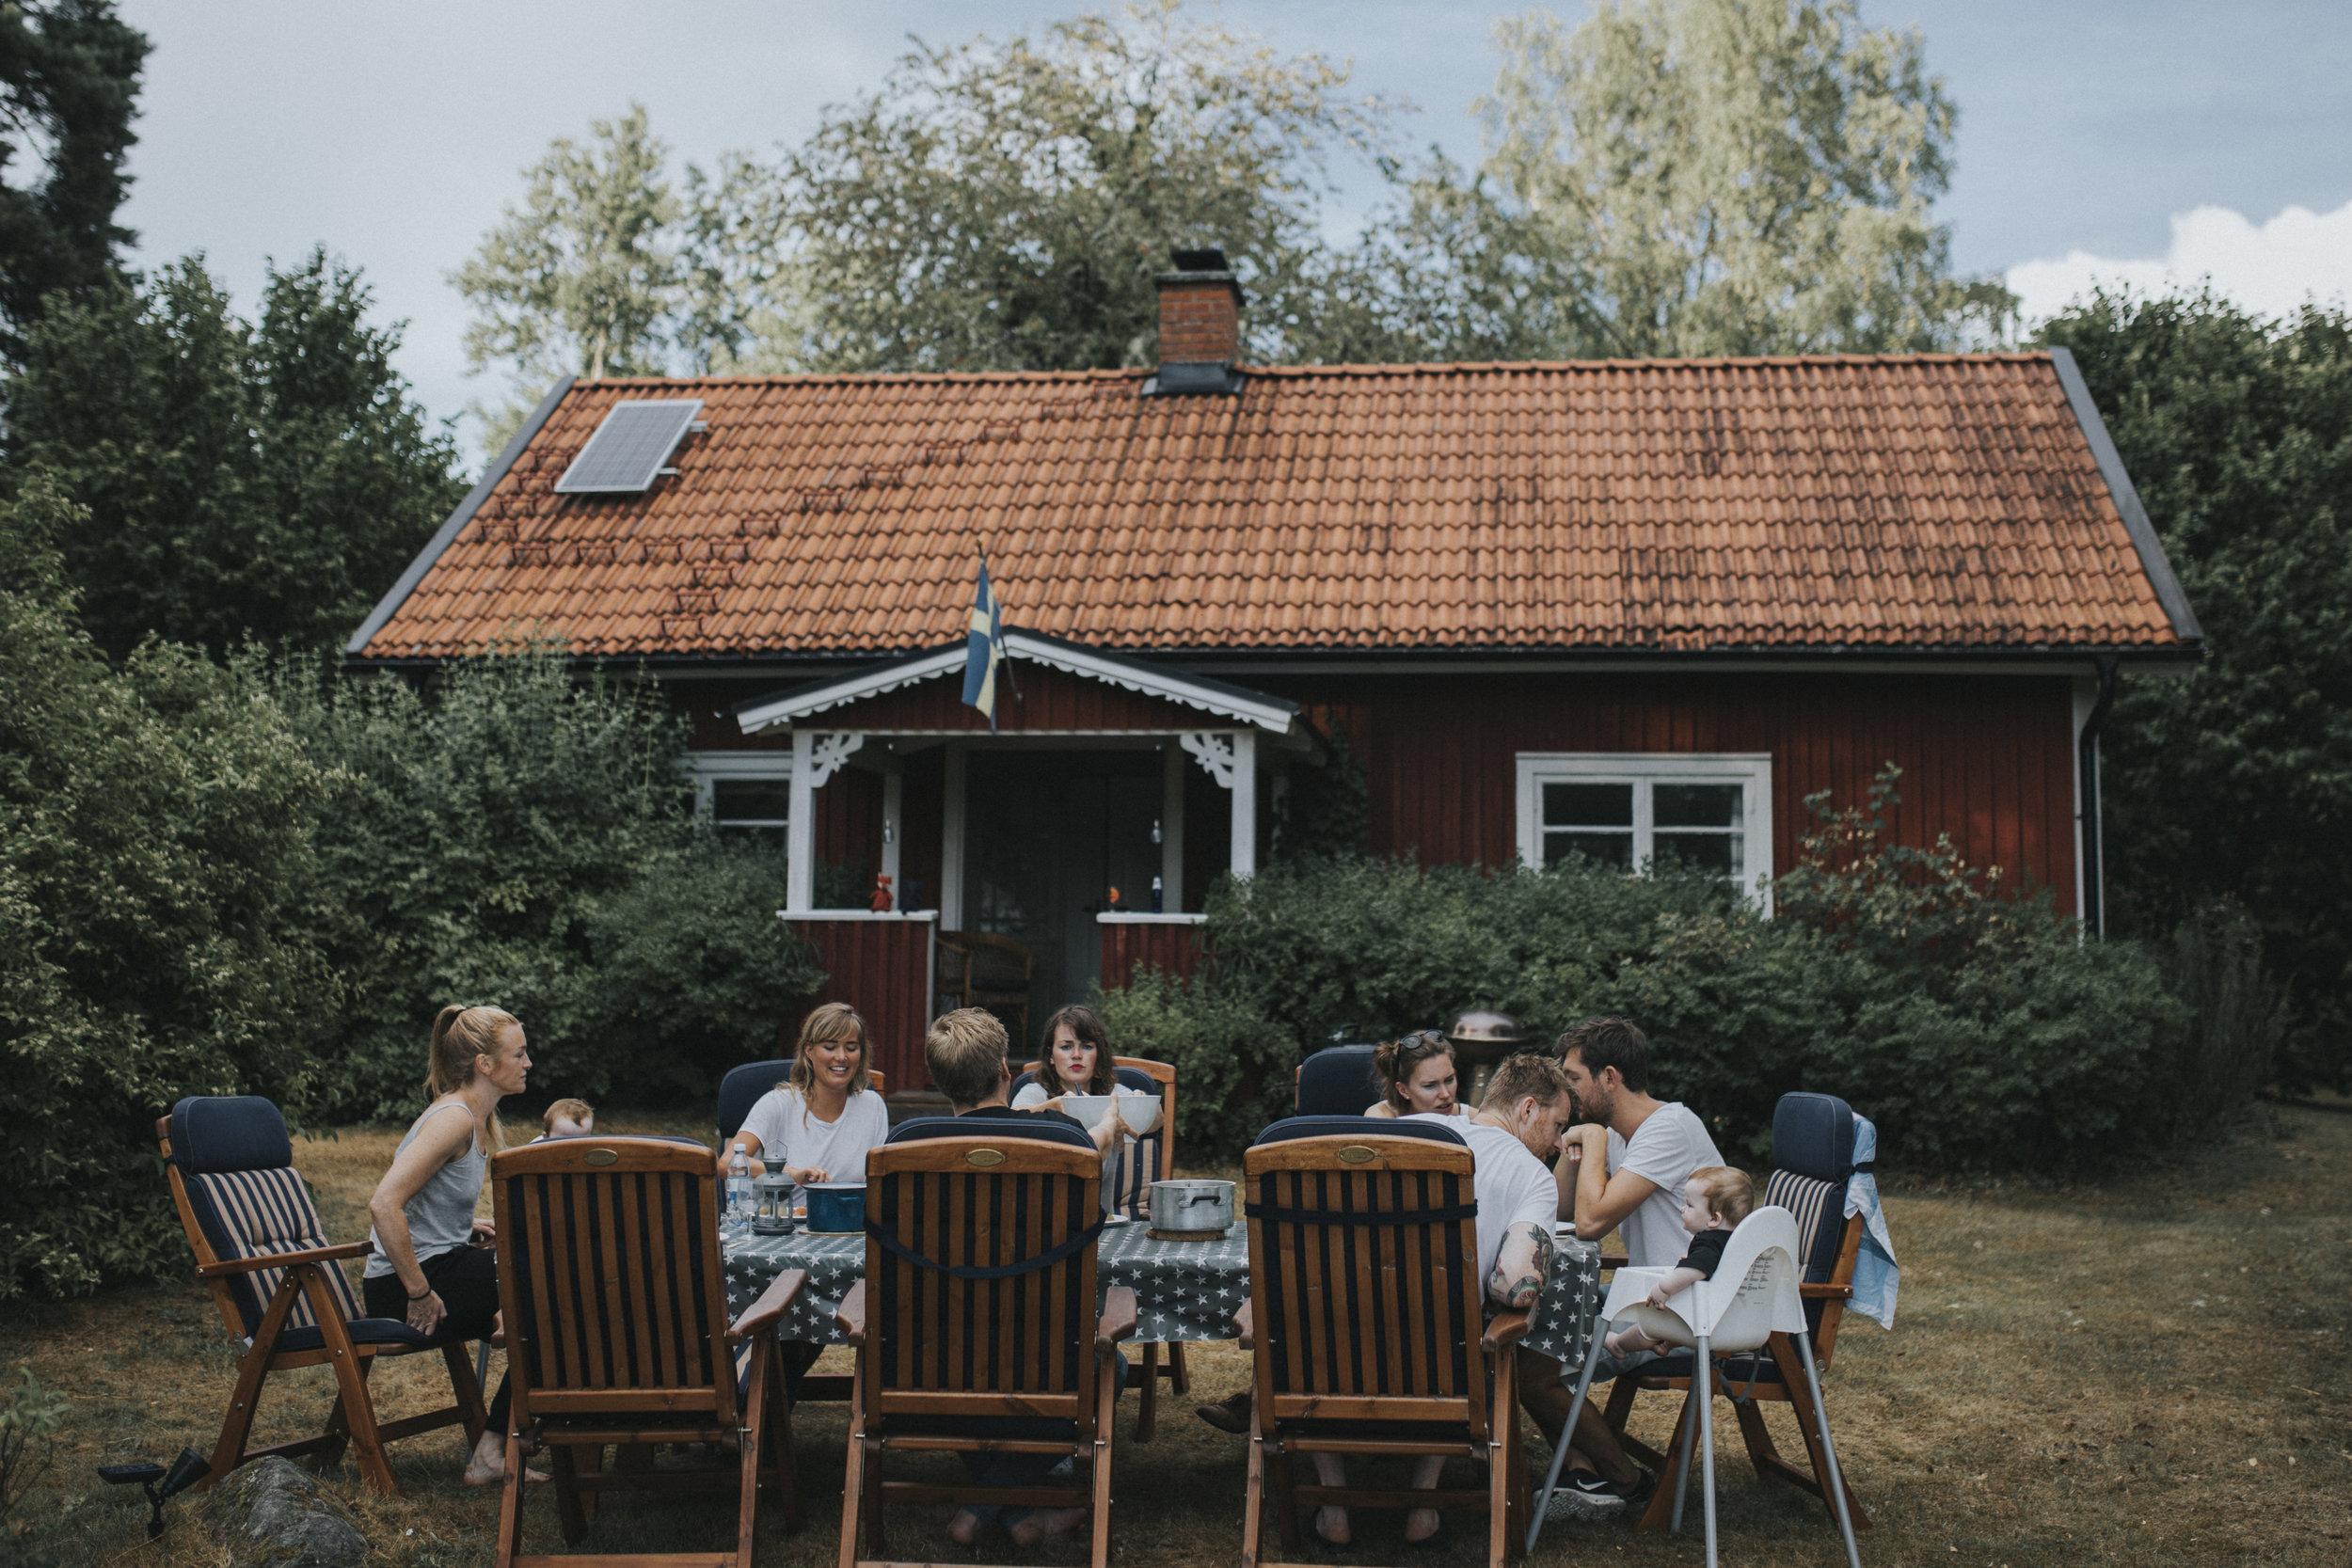 ngôi nhà mùa hè Thụy Điển